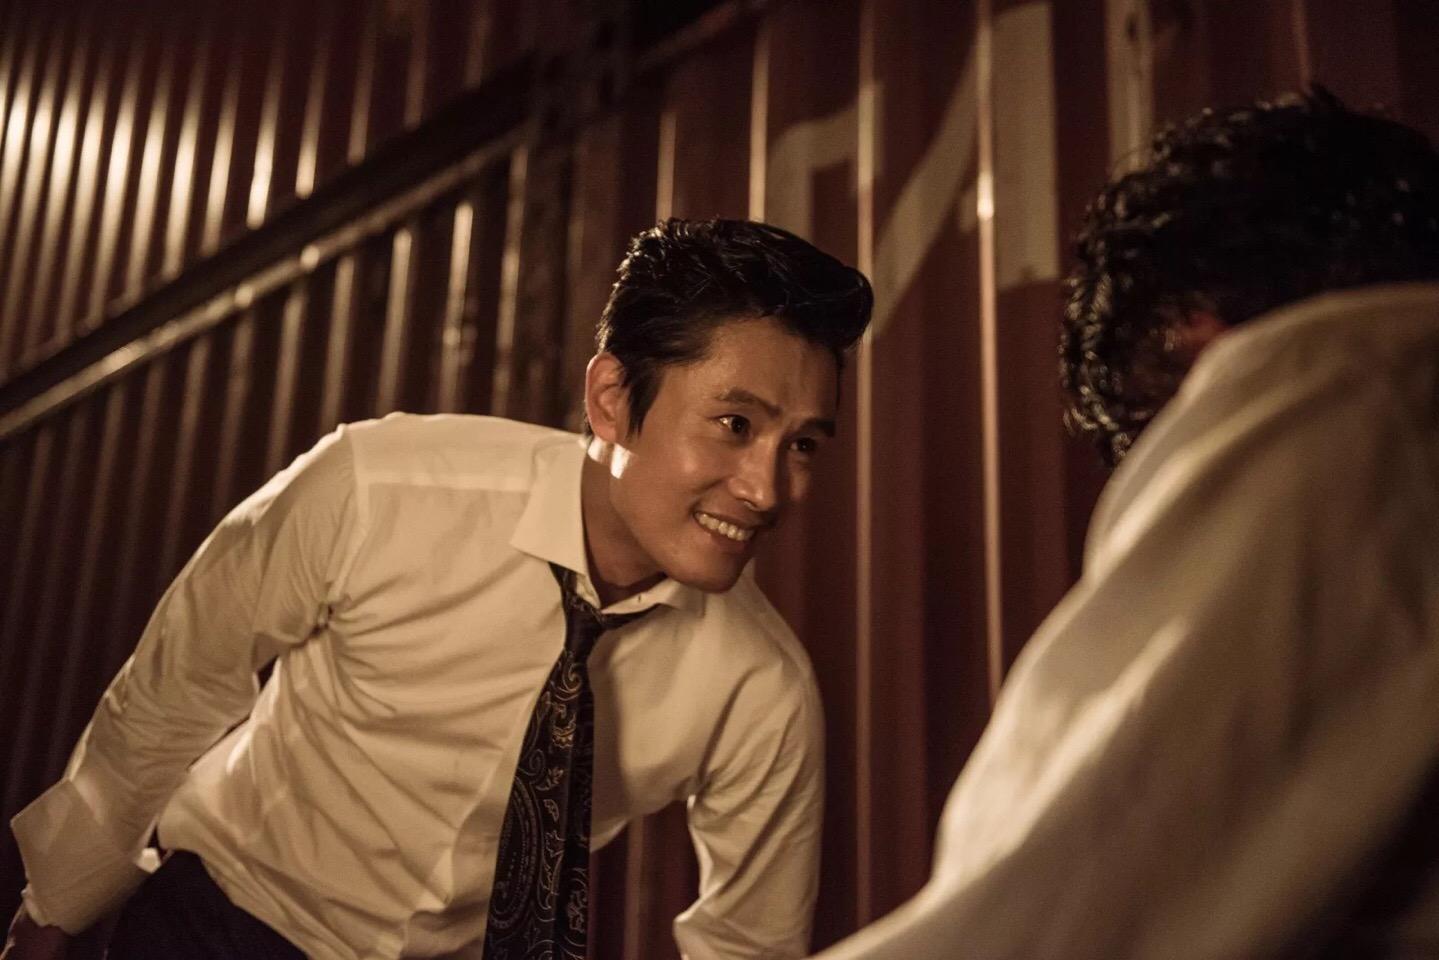 韓國型男李秉憲亦有份角逐影帝寶座,一洗過去負面新聞纏身形象。(微博圖片)